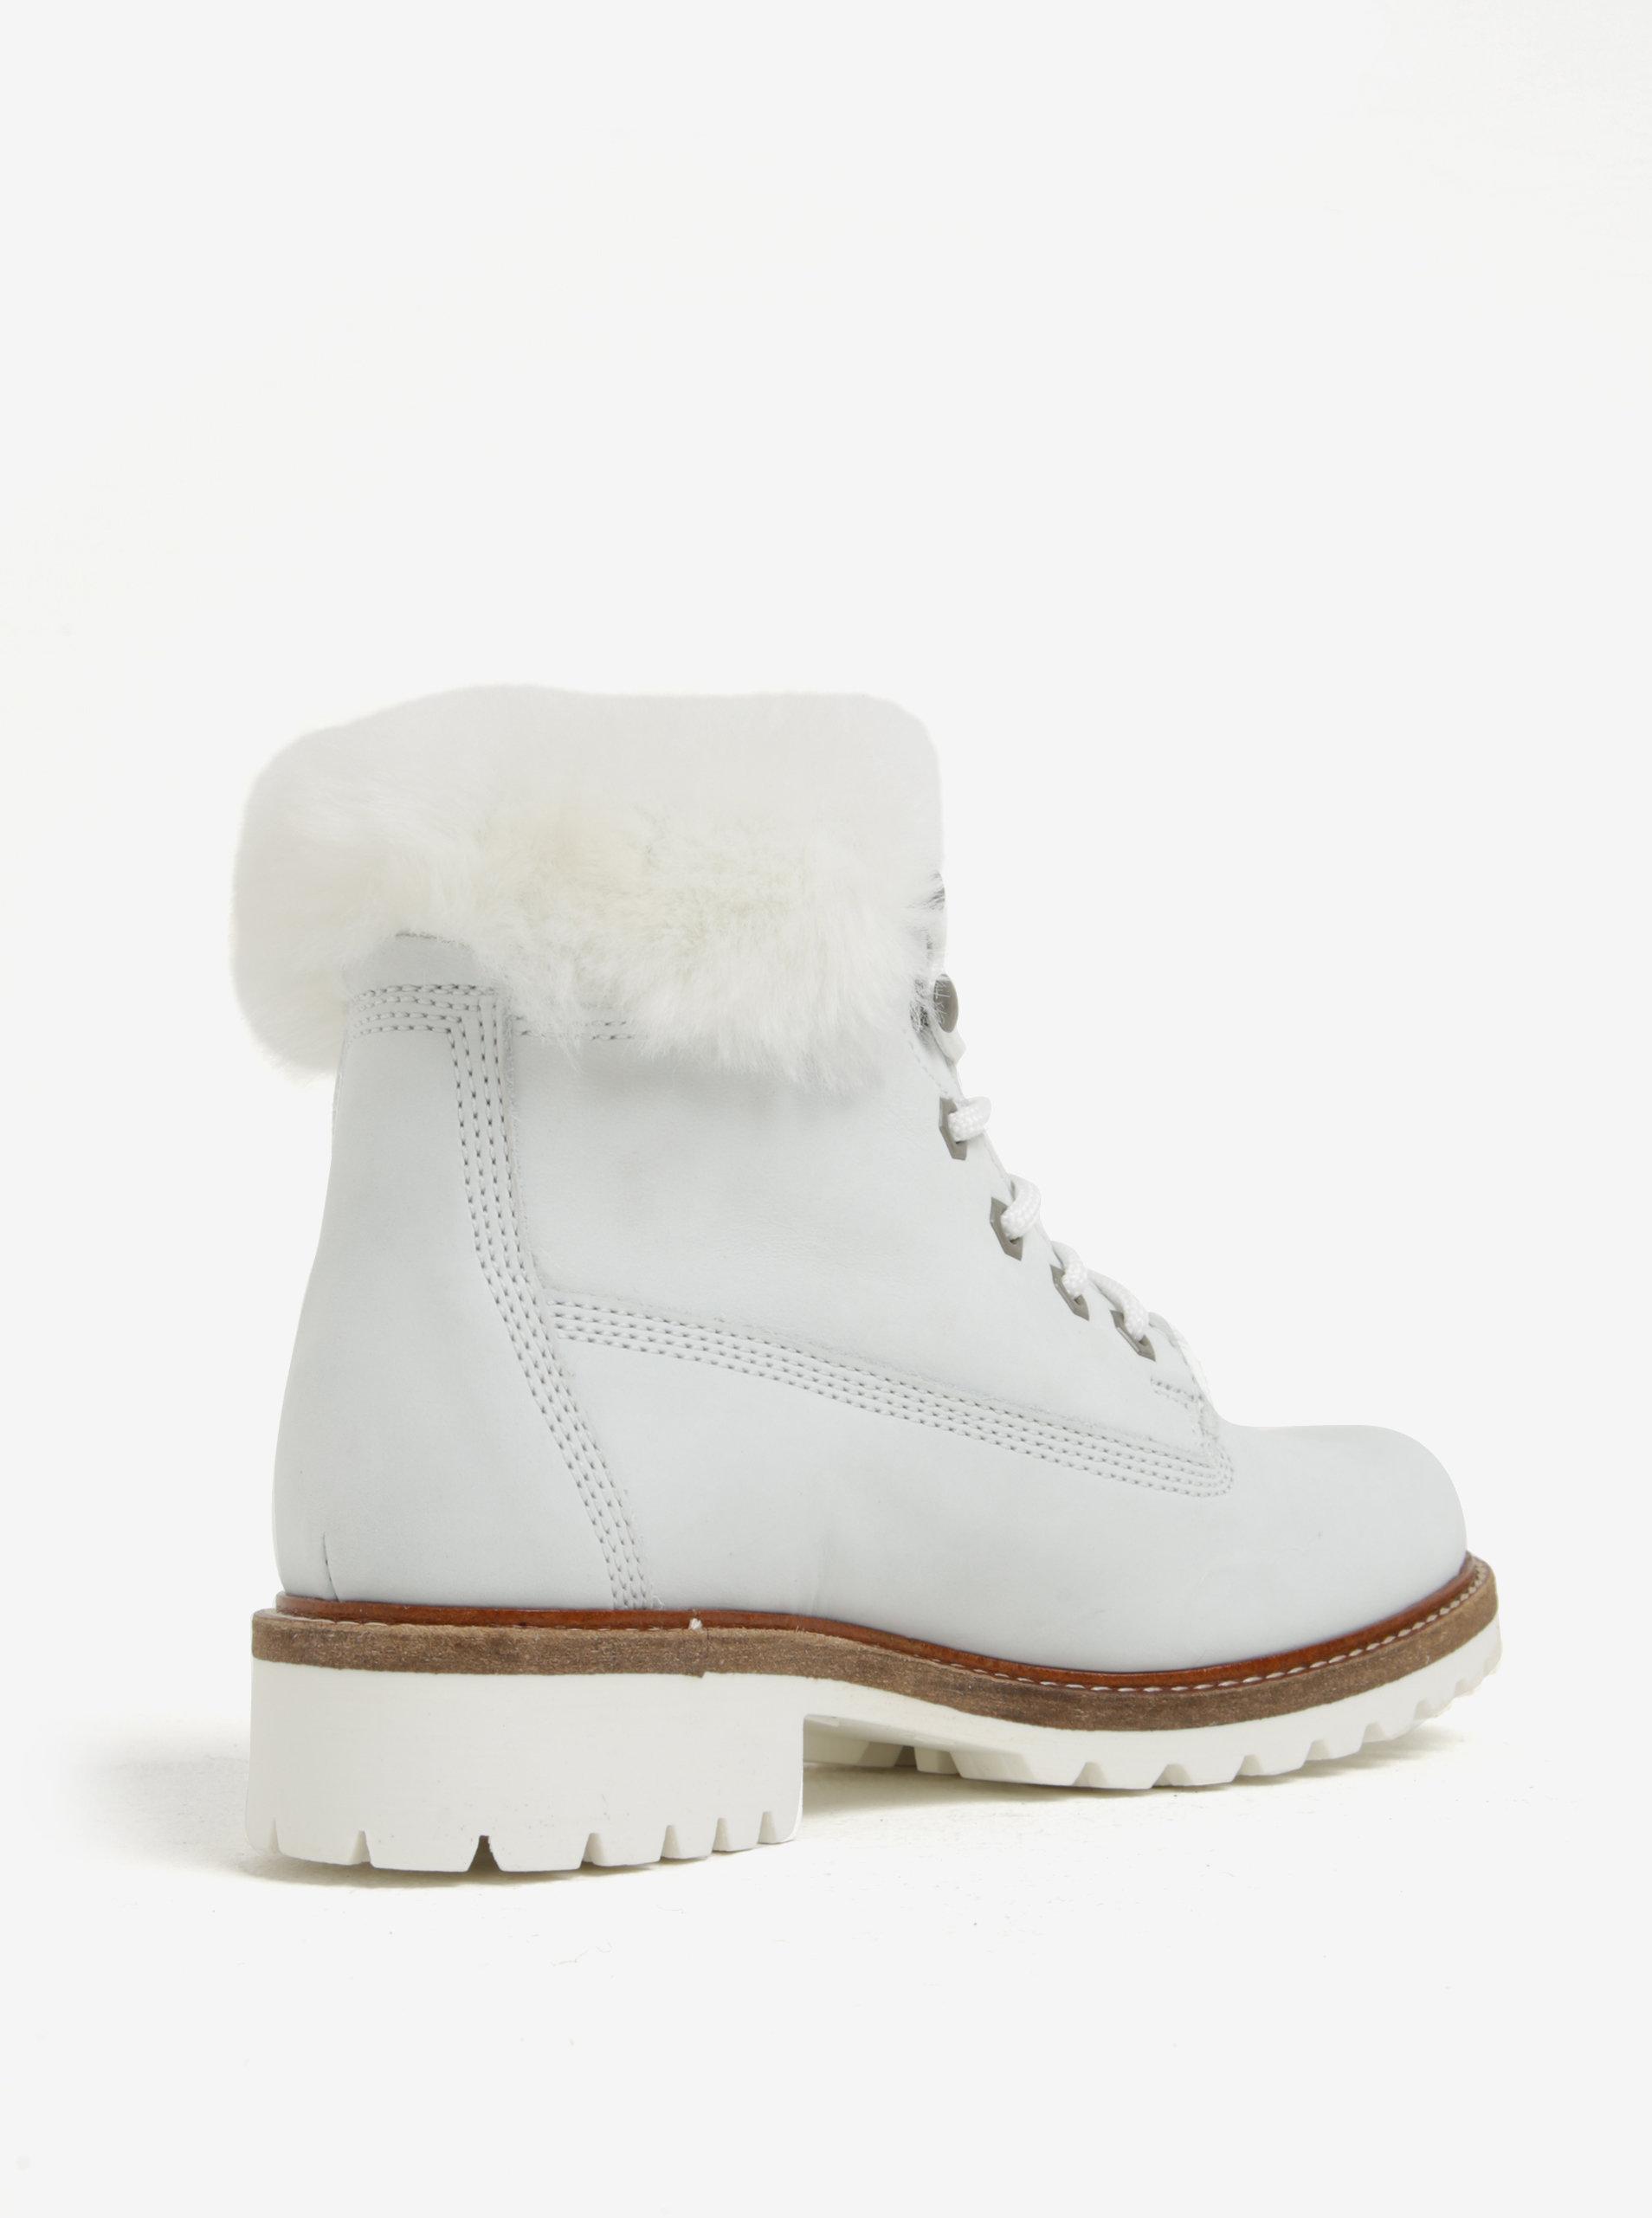 ac690fca1564 Biele vodovzdorné zimné členkové kožené topánky s vlnenou podšívkou Tamaris  ...